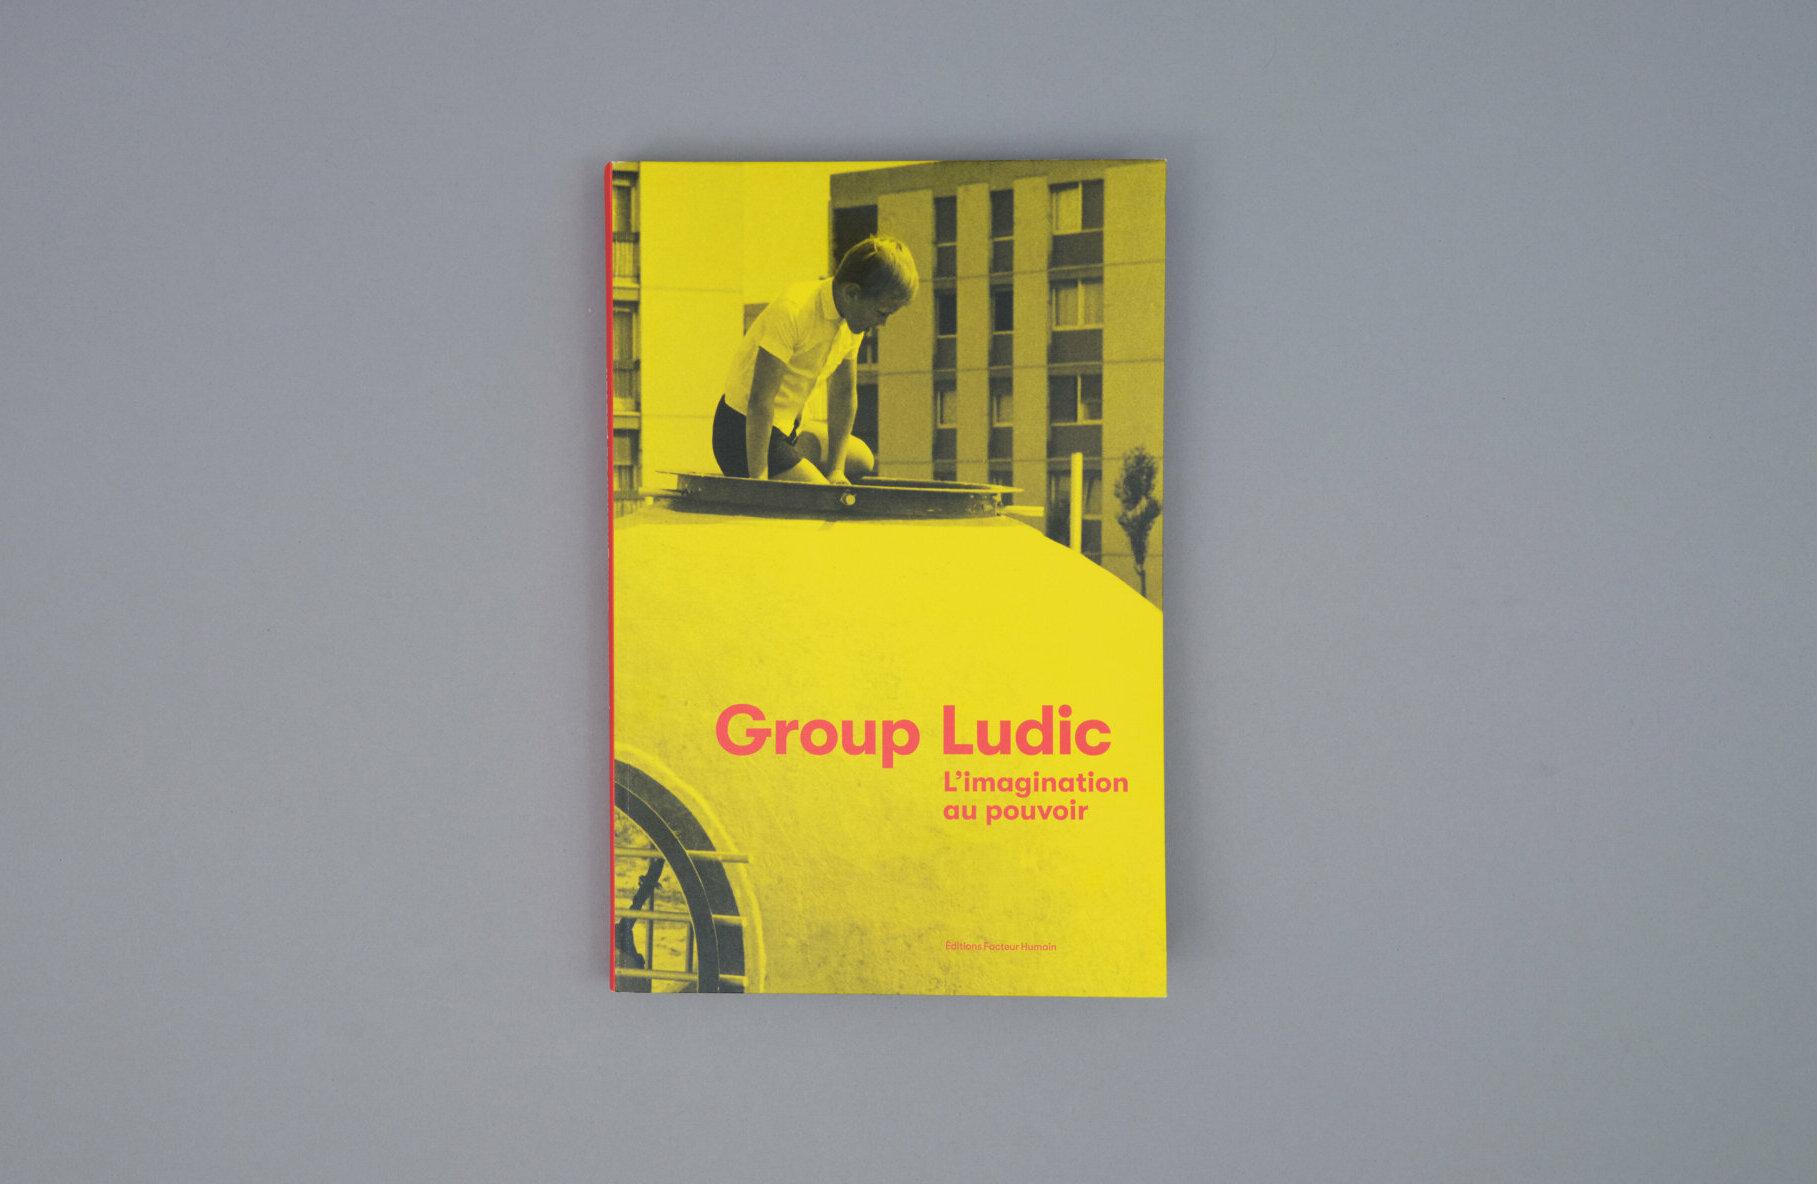 group-ludic-imagination-au-pouvoir-delpire-co